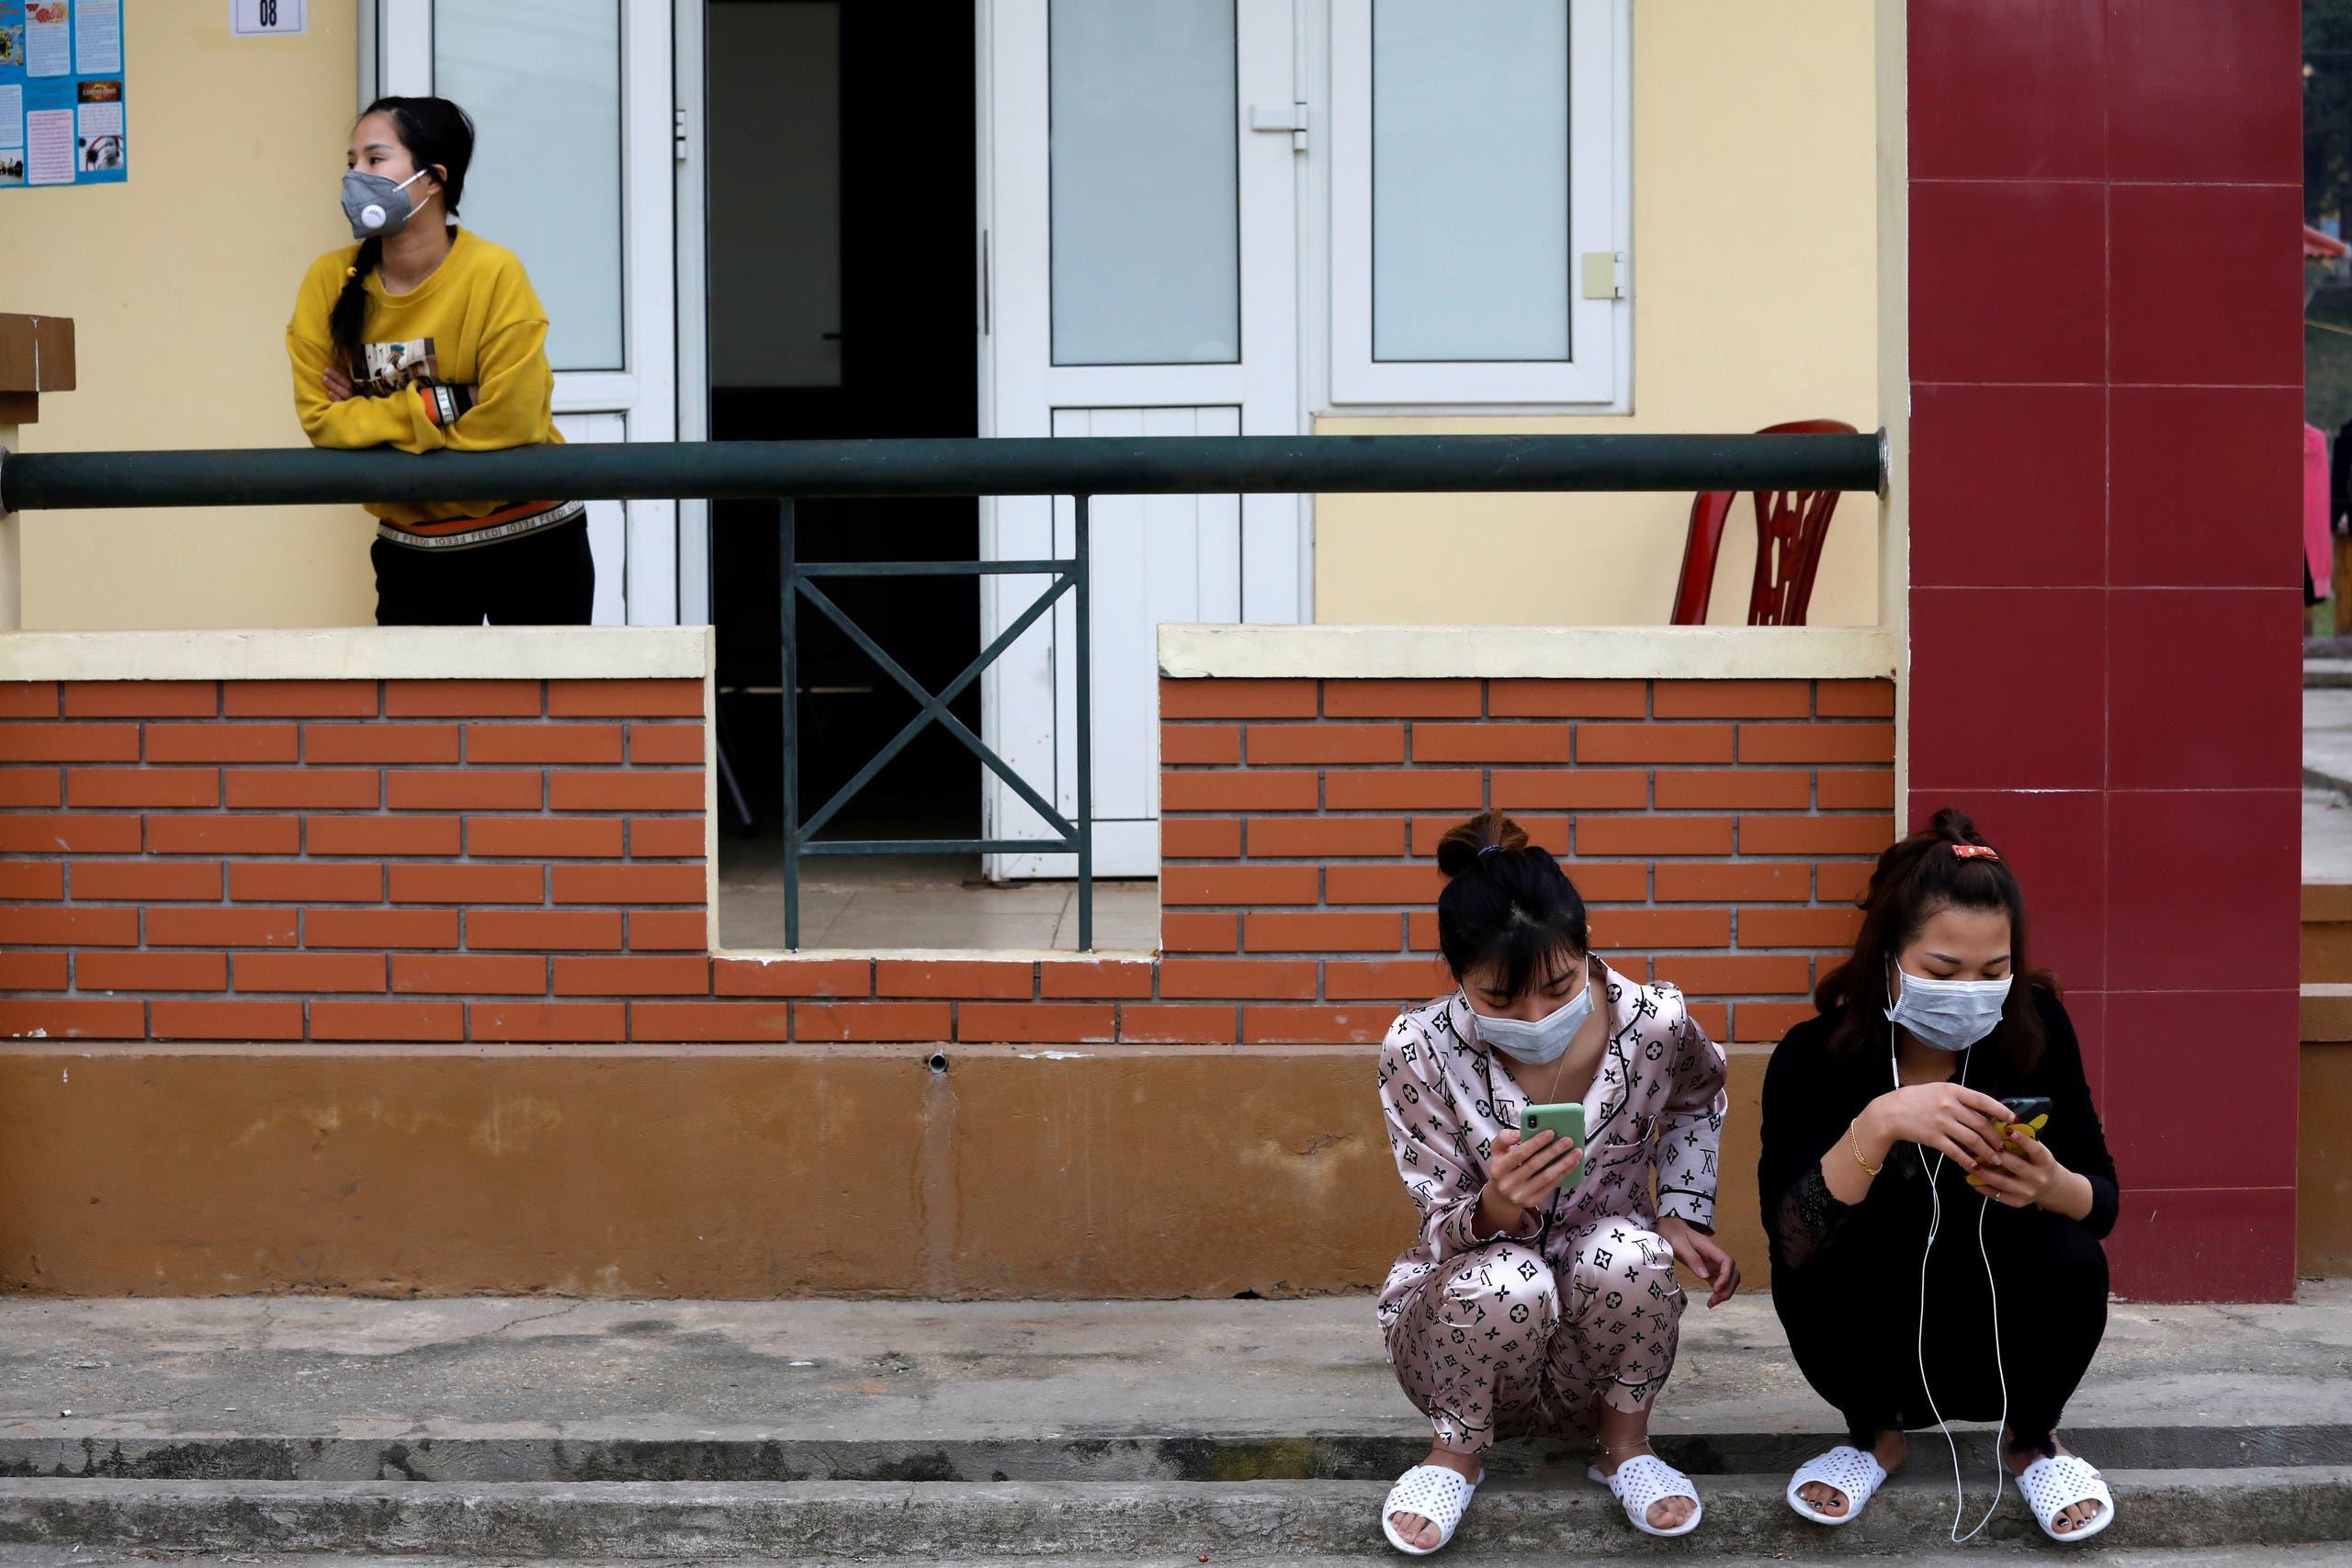 فيتناميون عادوا من الصين يسكنون داخل معسكر الحجر الصحي